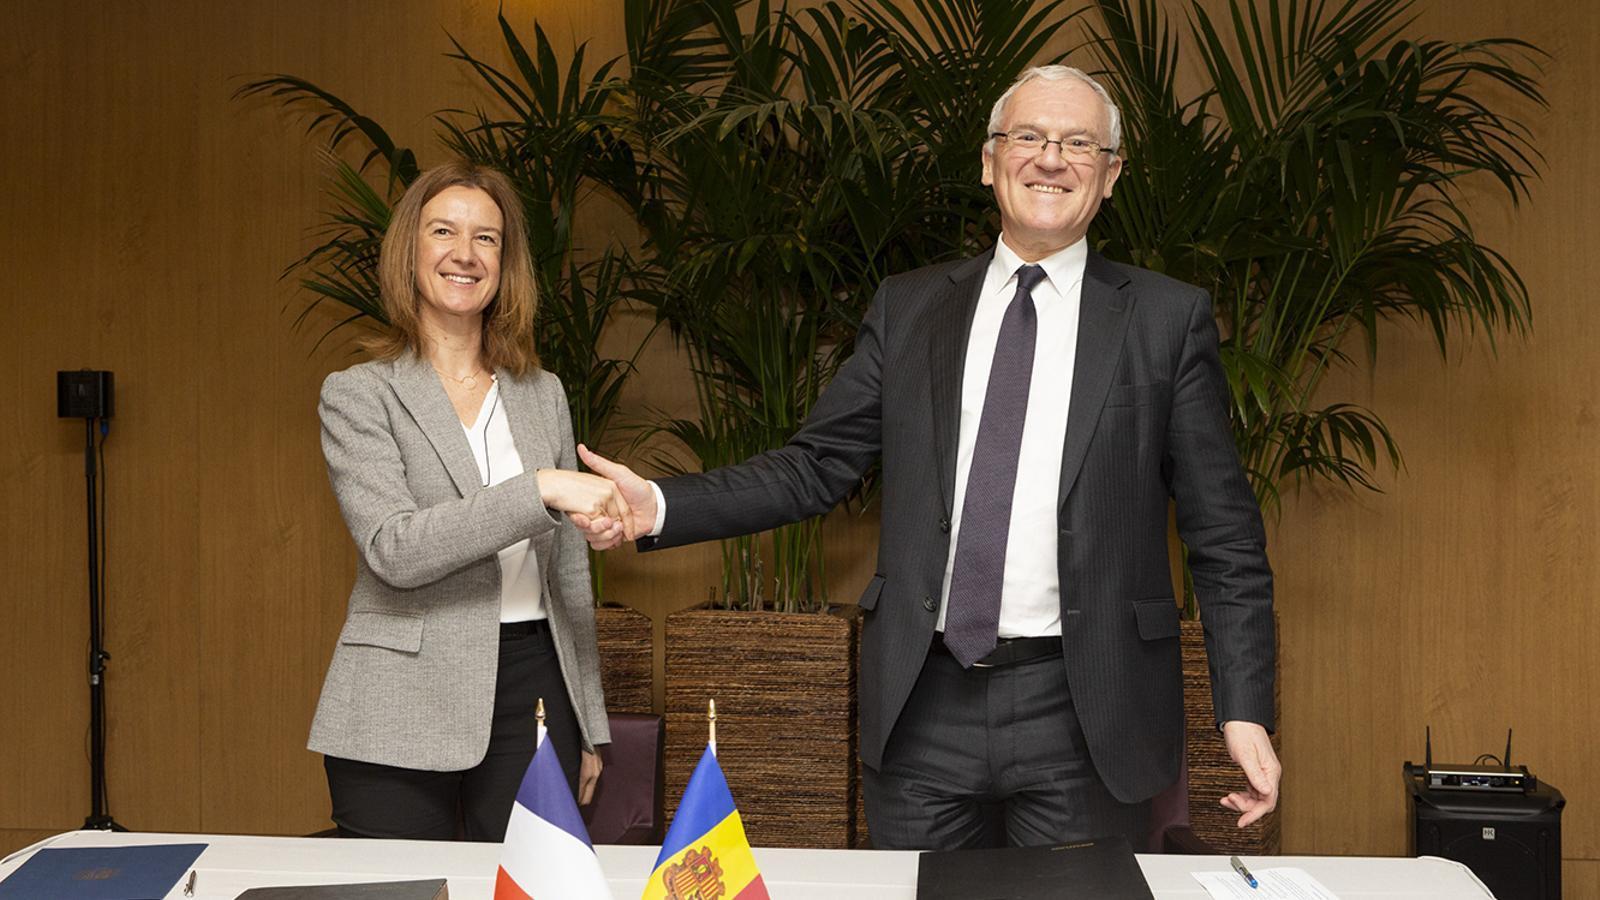 La ministra de Medi Ambient, Agricultura i Sostenibilitat, Sílvia Calvó, durant la signatura del conveni marc amb el president del grup Electricité de France (EDF), Jean-Bernard Lévy, aquest dimarts. / FERNANDO PÉREZ (EFE)